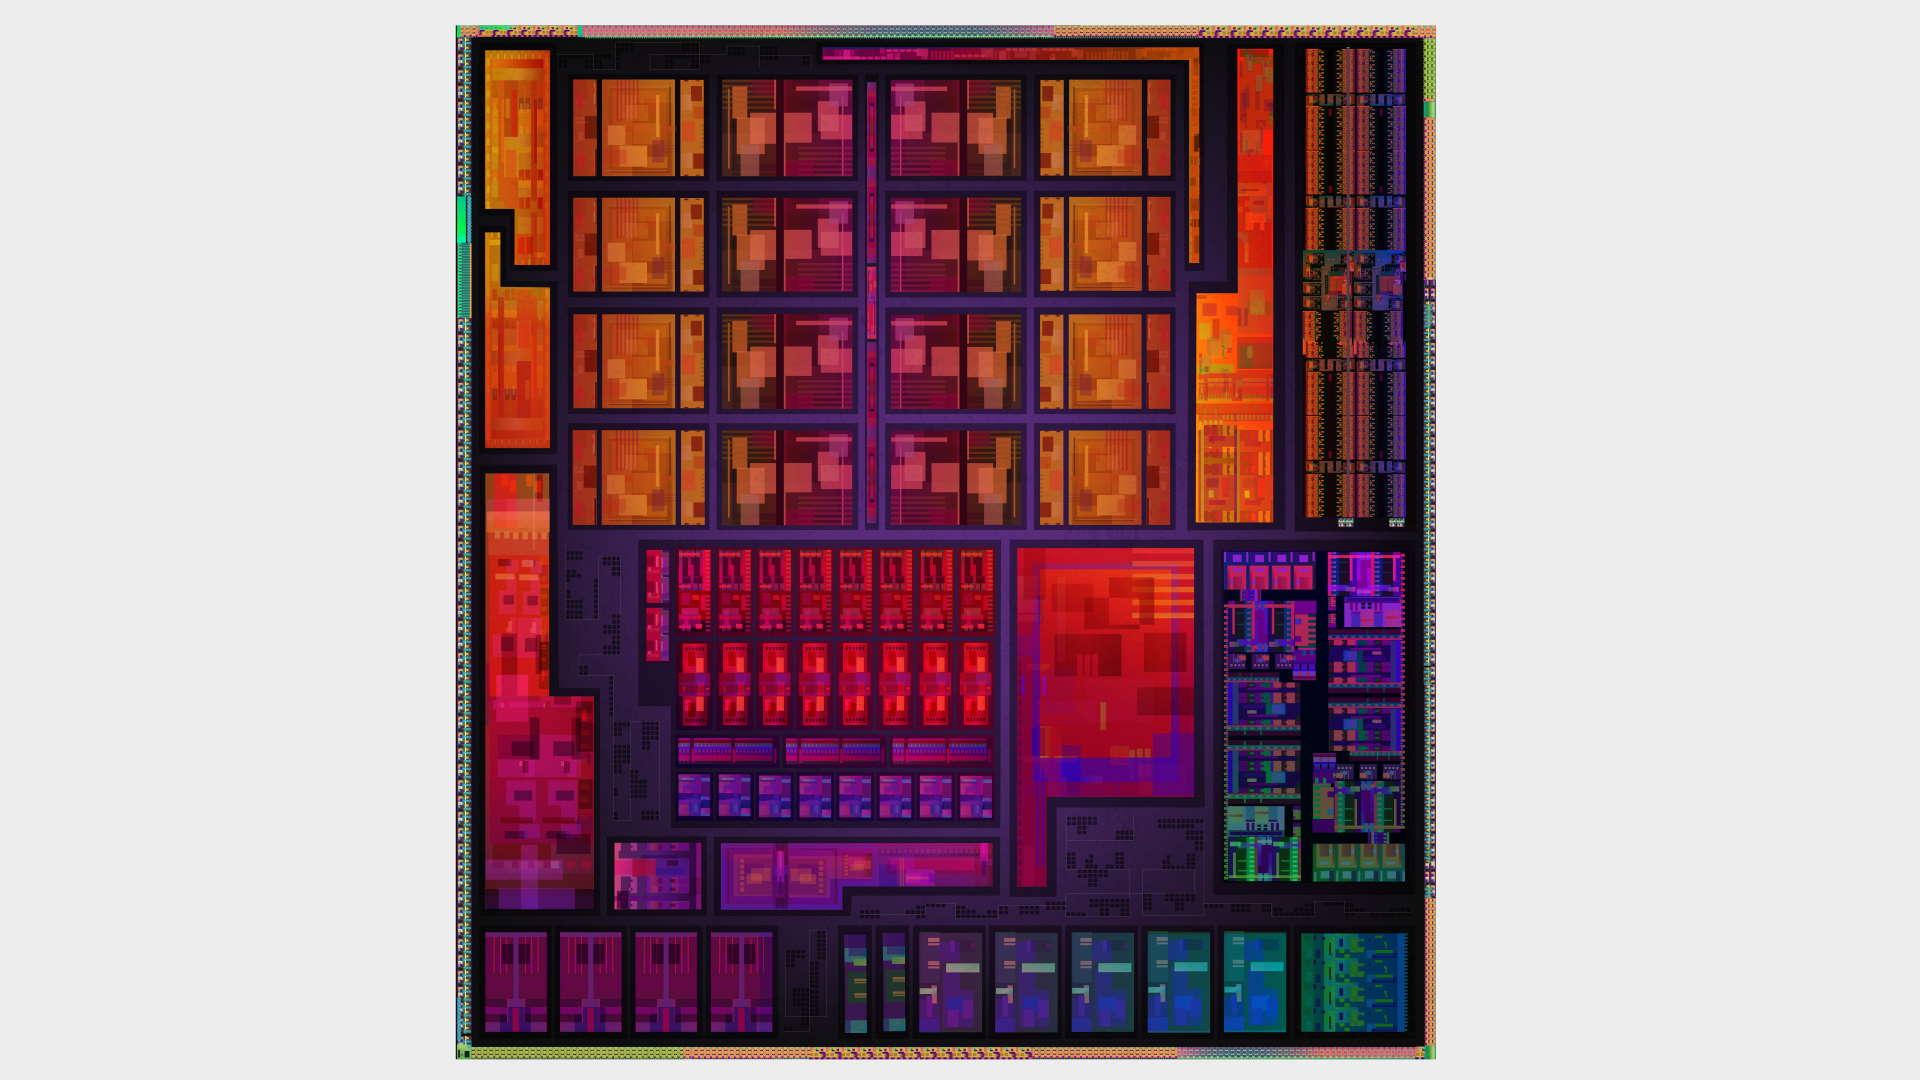 AMD monolithic APU die shot